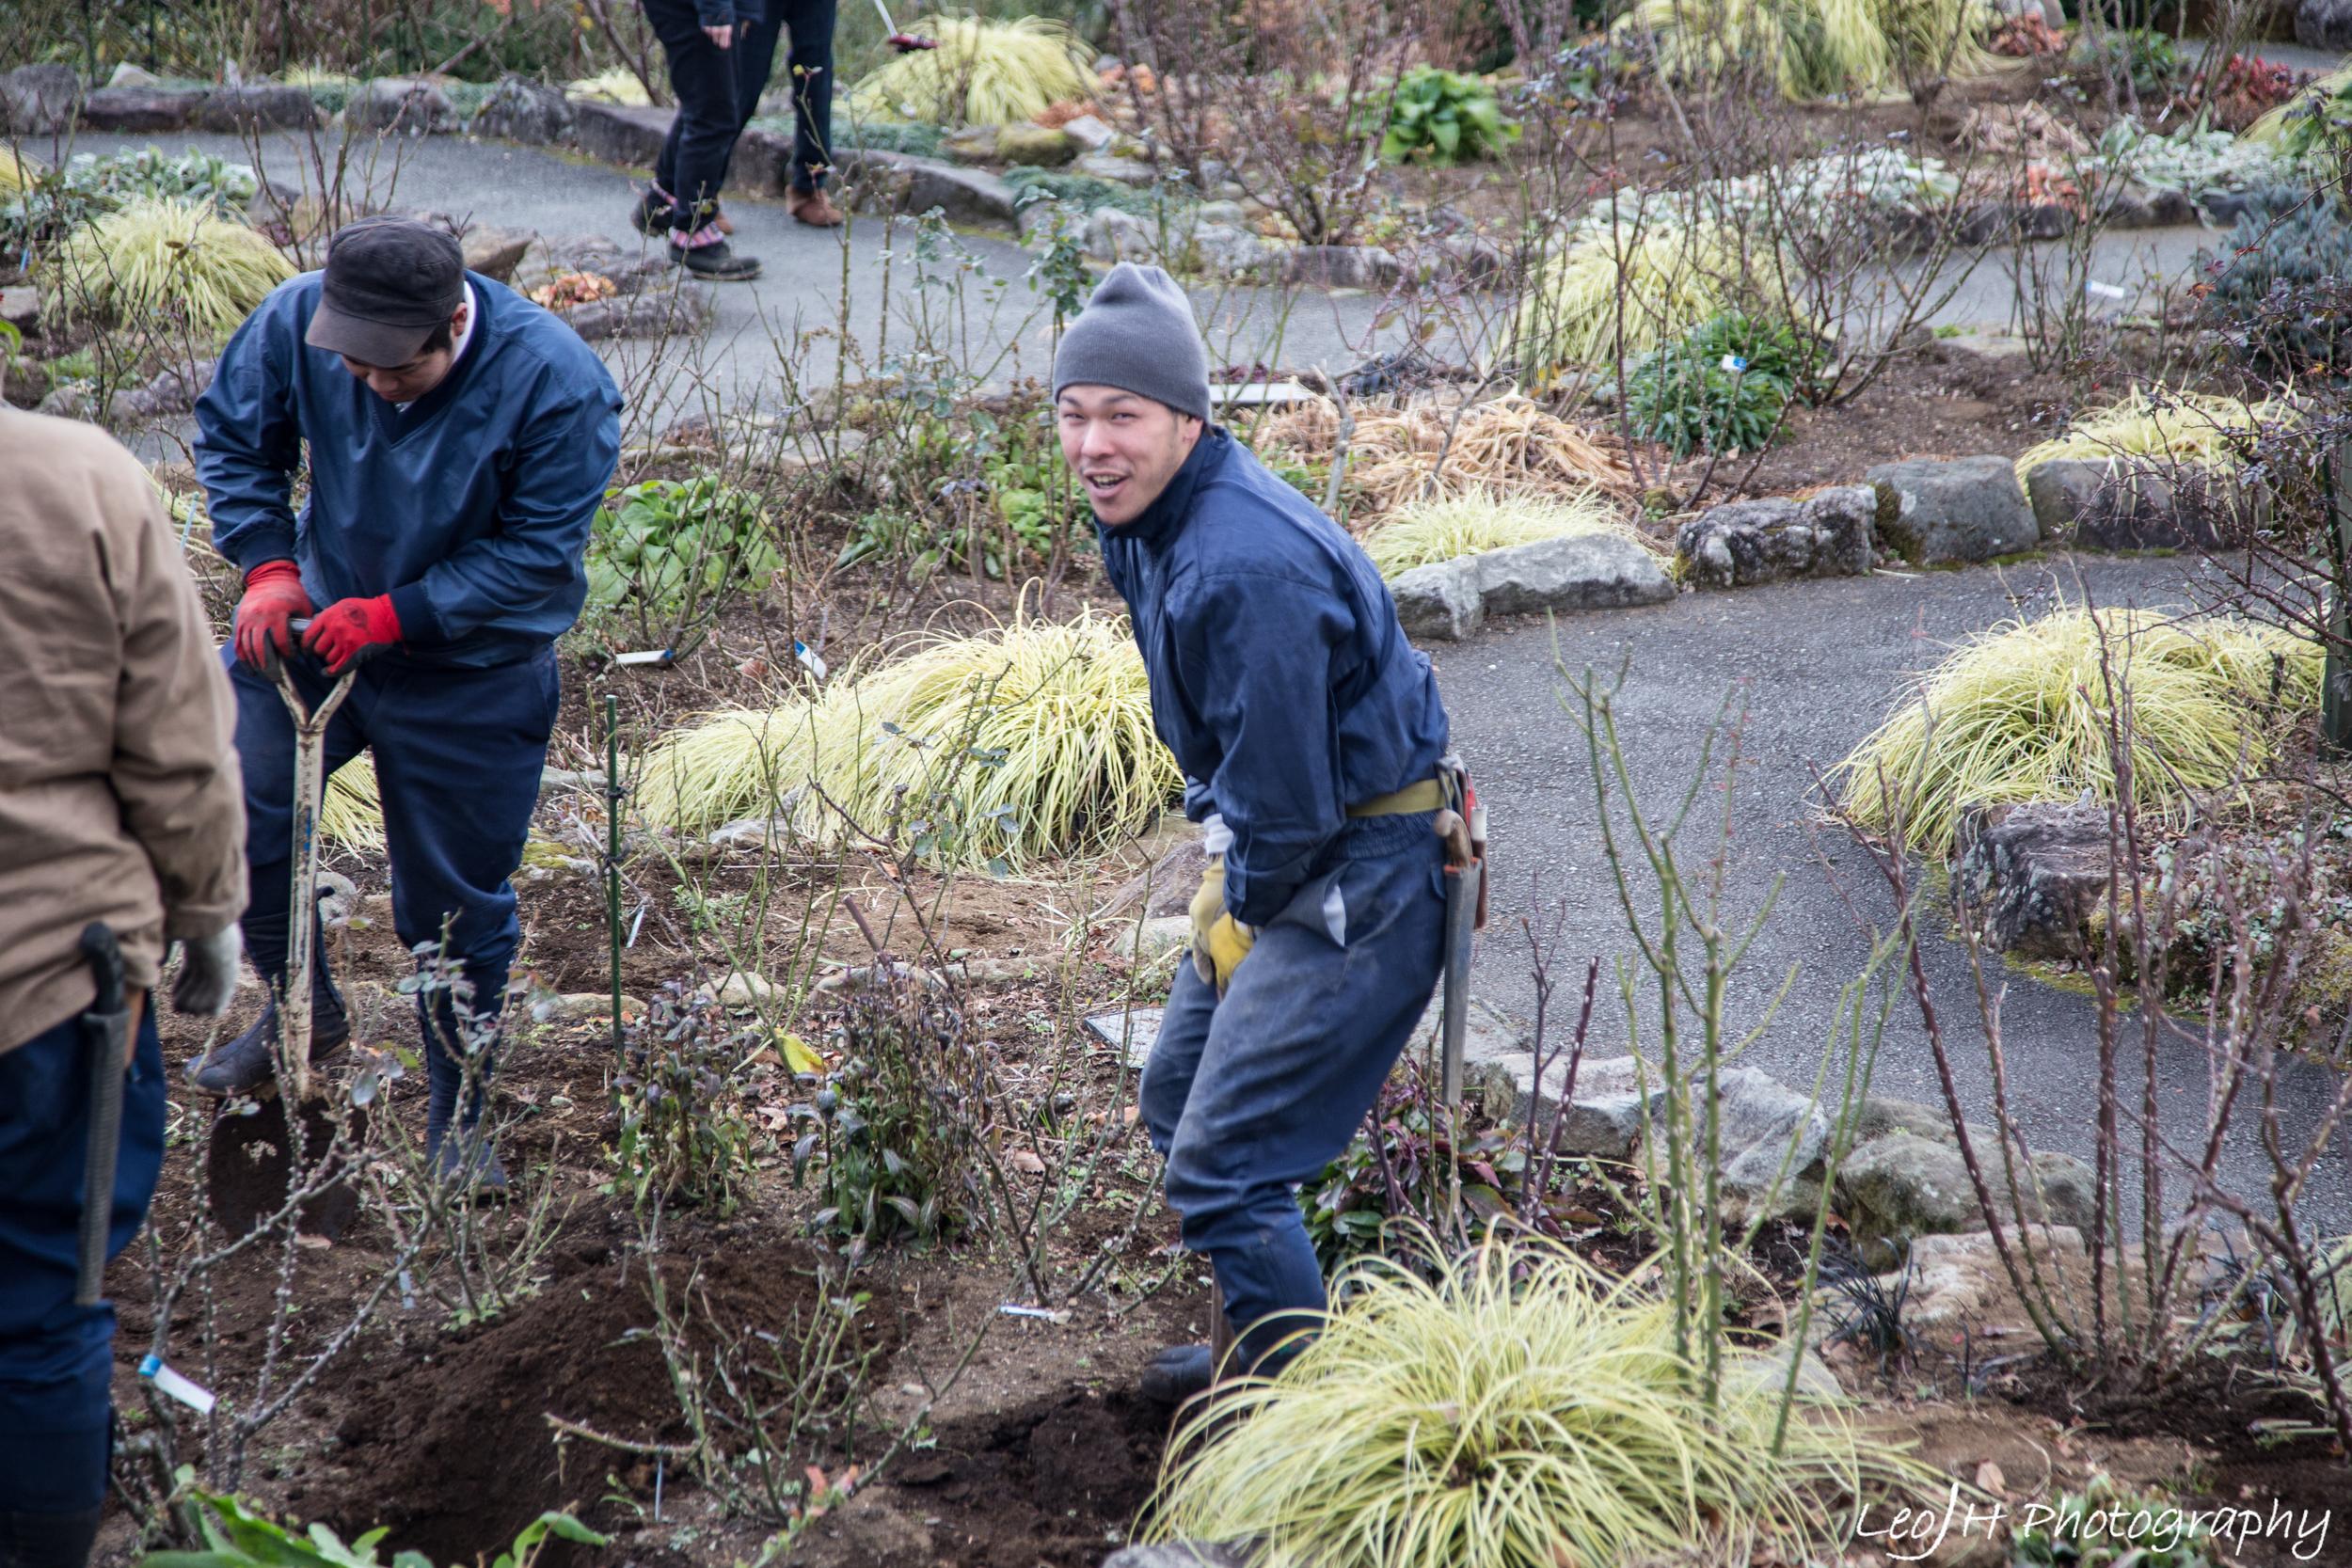 Gardeners at work in Gora Park